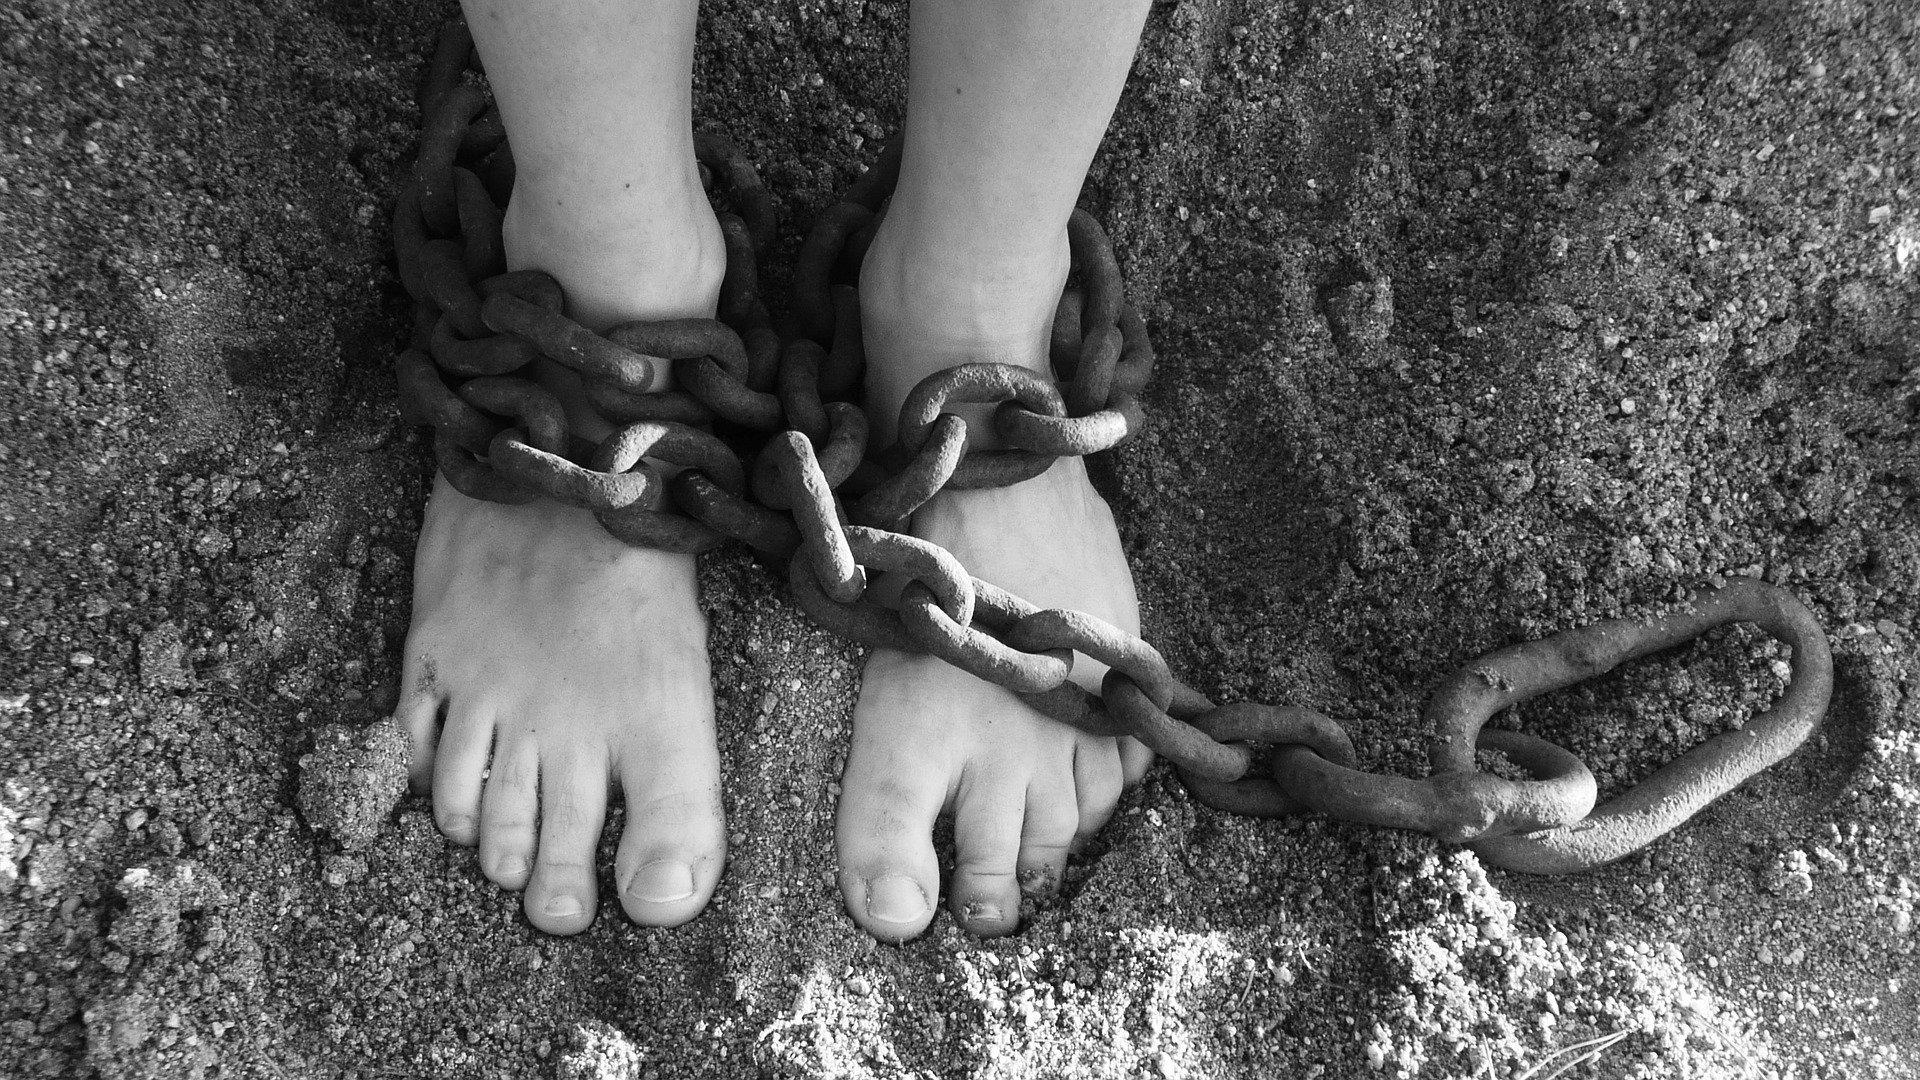 Mandato di Arresto e Divieto Tortura